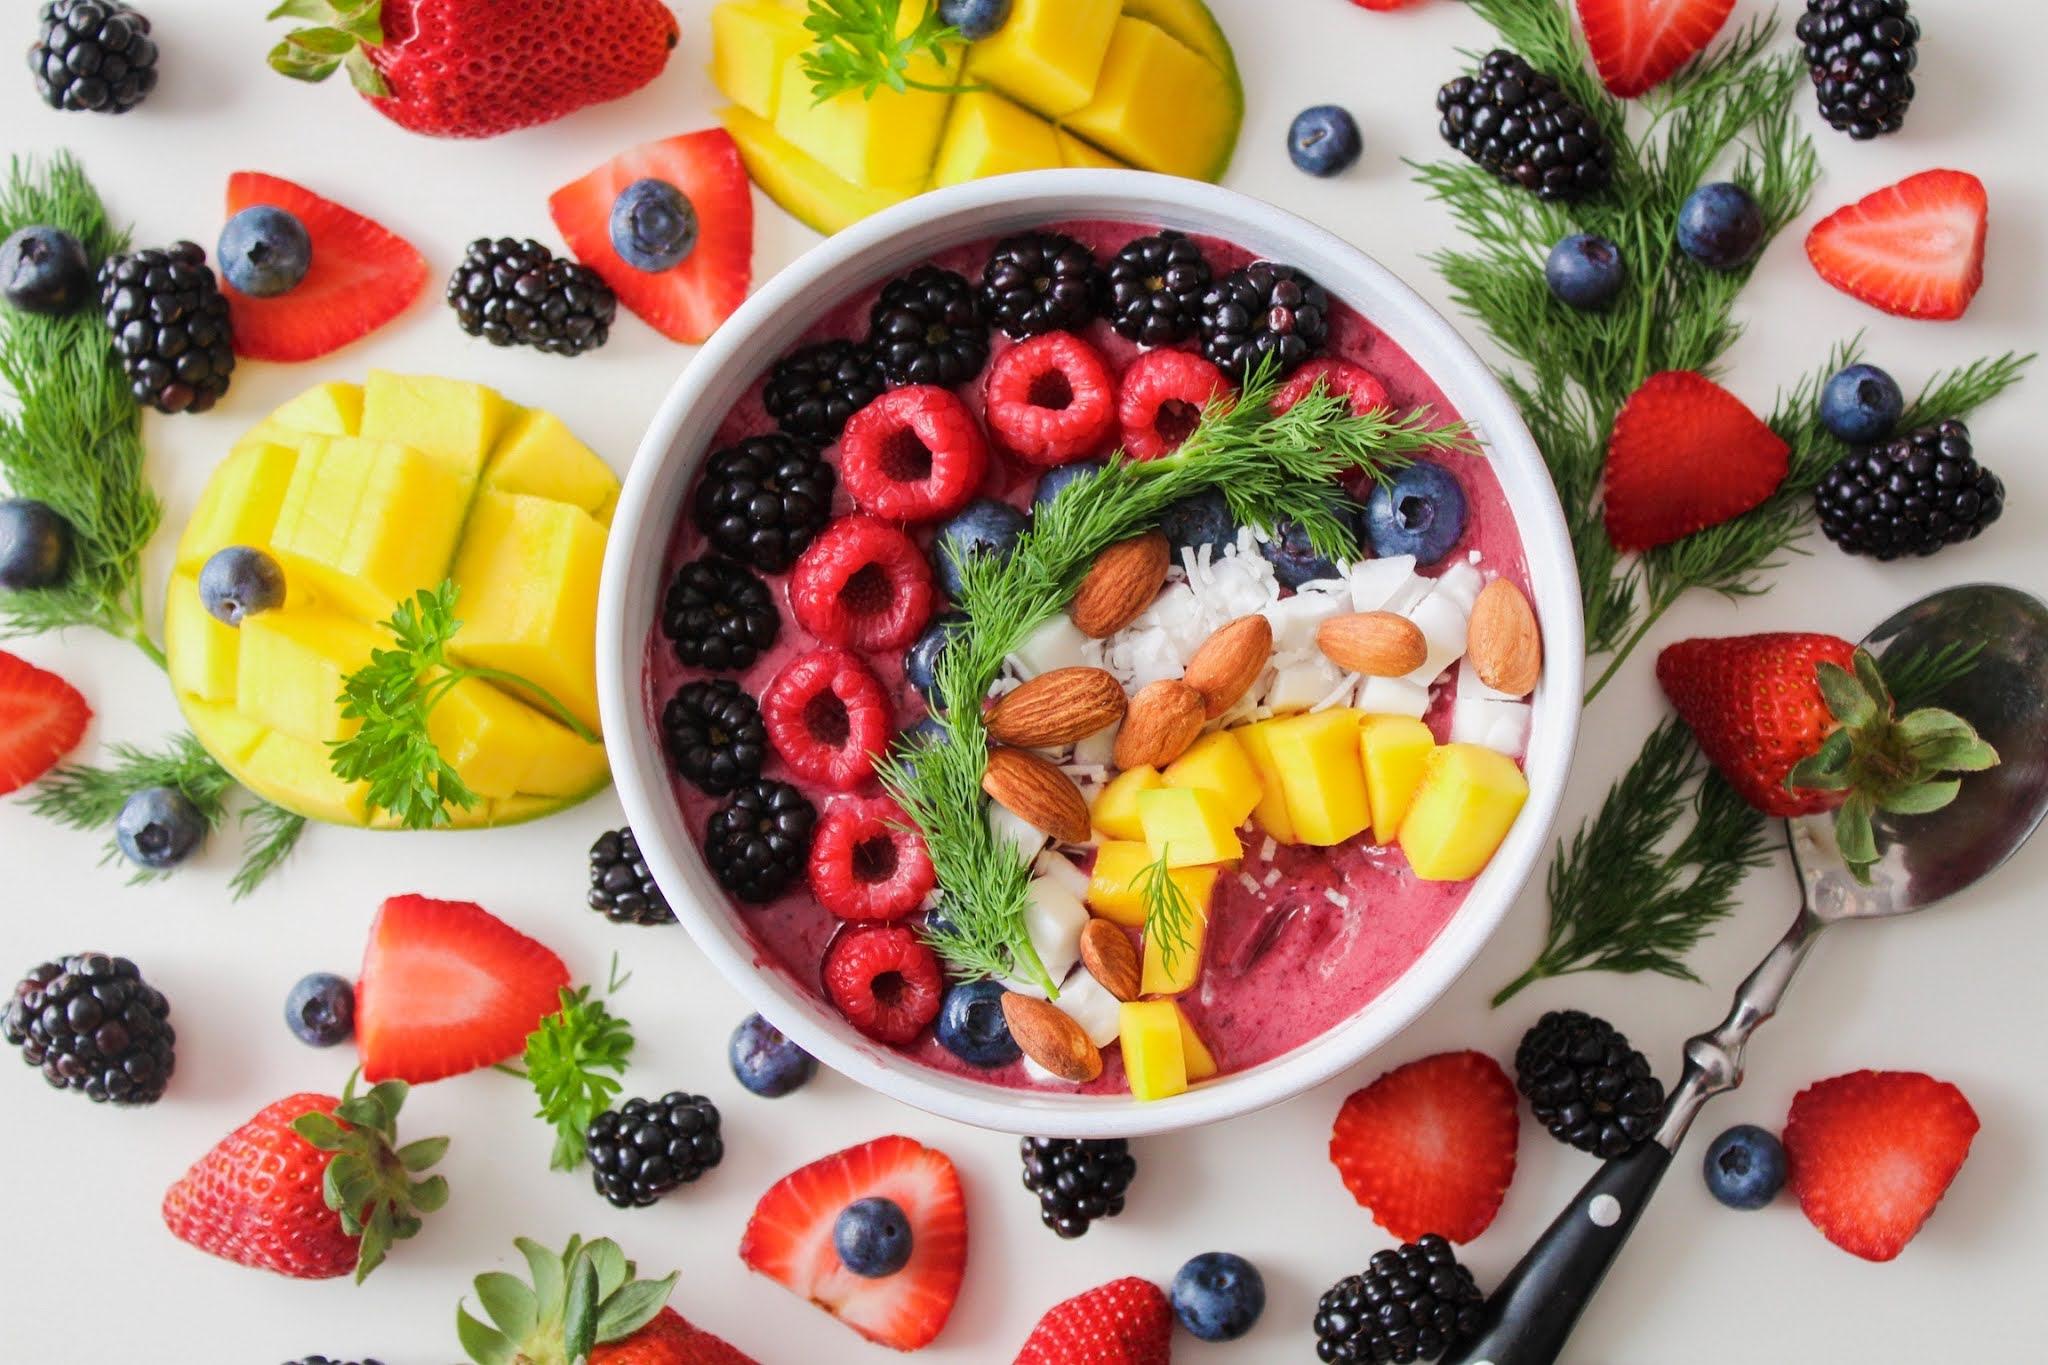 ما هي أفضل الأطعمة التي تساعد على الهضم؟